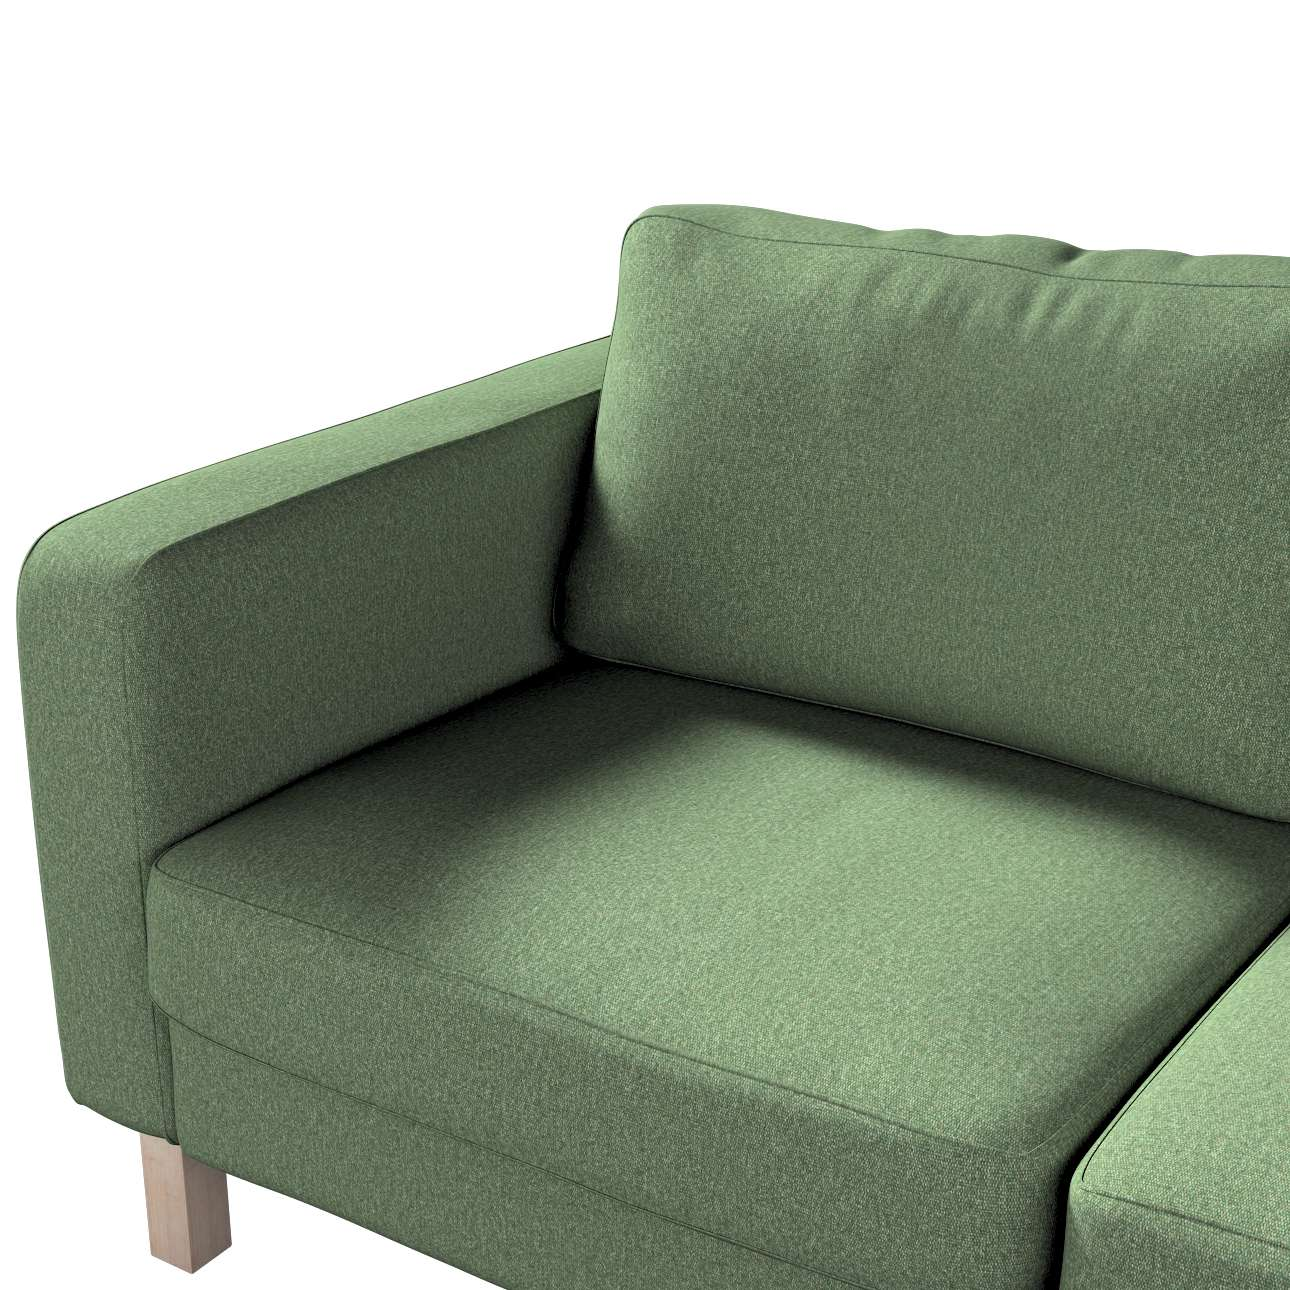 Potah na pohovku IKEA  Karlstad 2-místná, nerozkládací, krátký v kolekci Amsterdam, látka: 704-44